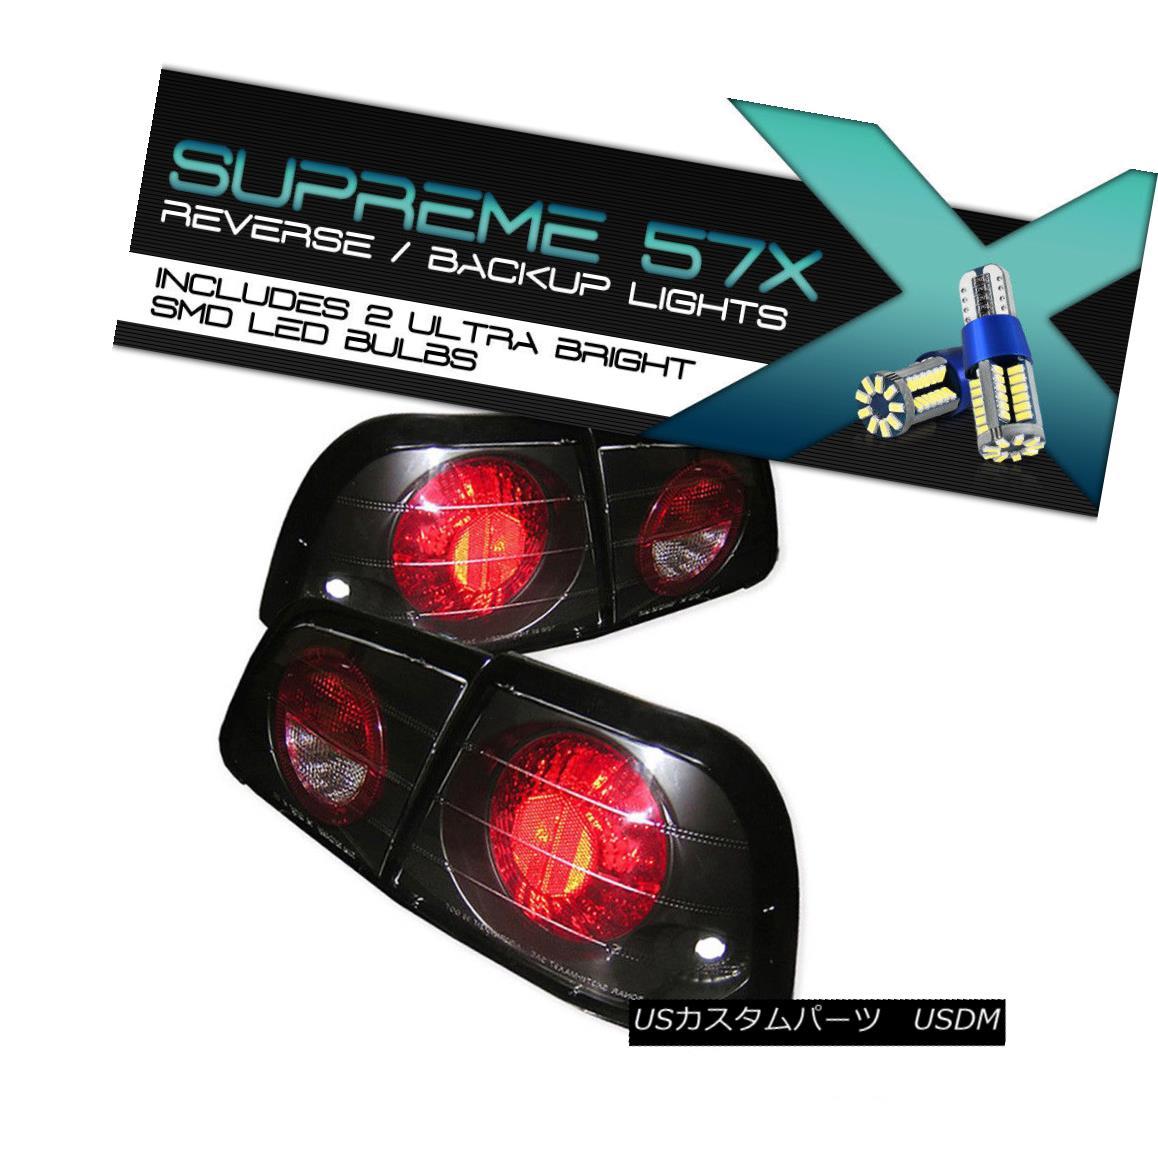 テールライト V6 [360 Degree VQ30 SMD Backup] For Degree 97-99 Maxima V6 A32 VQ30 SE Black Altezza Tail Light [360度SMDバックアップ] 97-99 Maxima V6 A32 VQ30 SE用ブラックAltezzaテールライト, ブランドリサイクルショップPRISM:bc3b58ba --- officewill.xsrv.jp